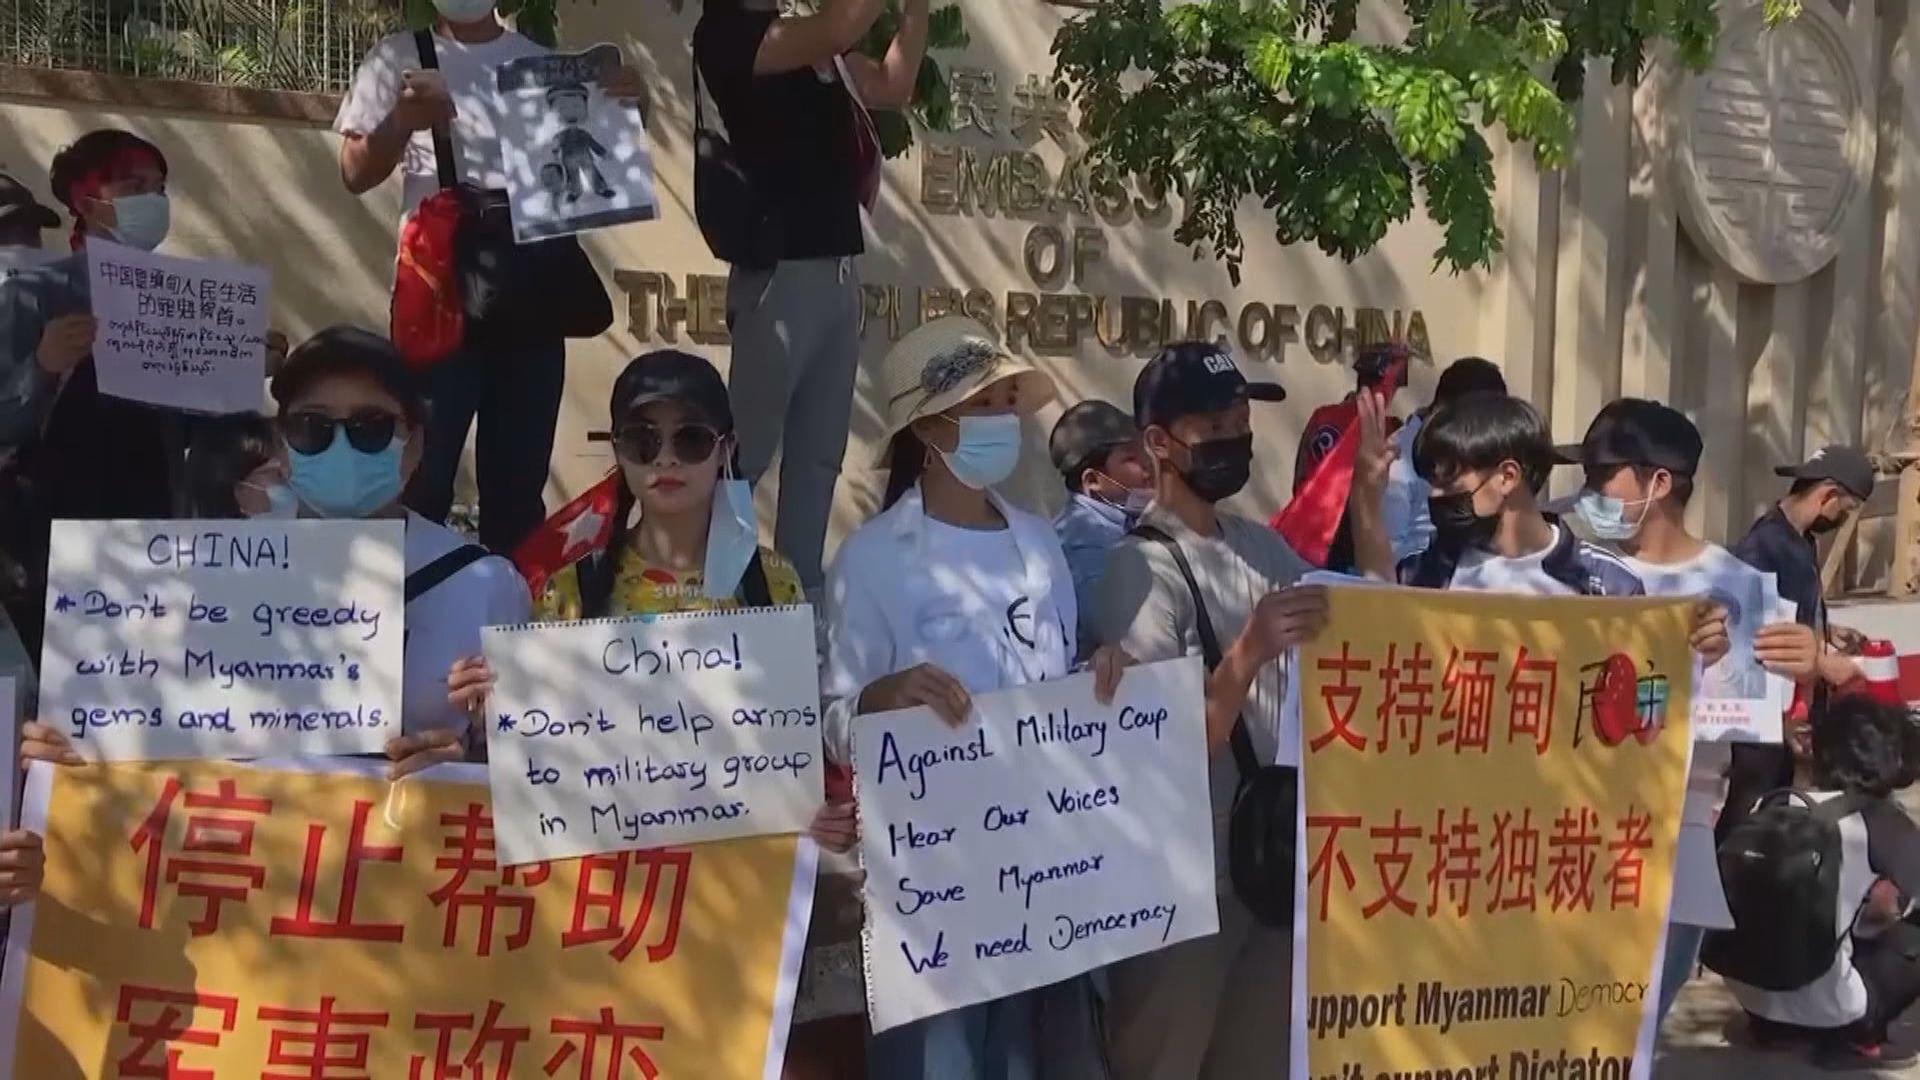 中方要求緬甸制止暴行查處肇事者